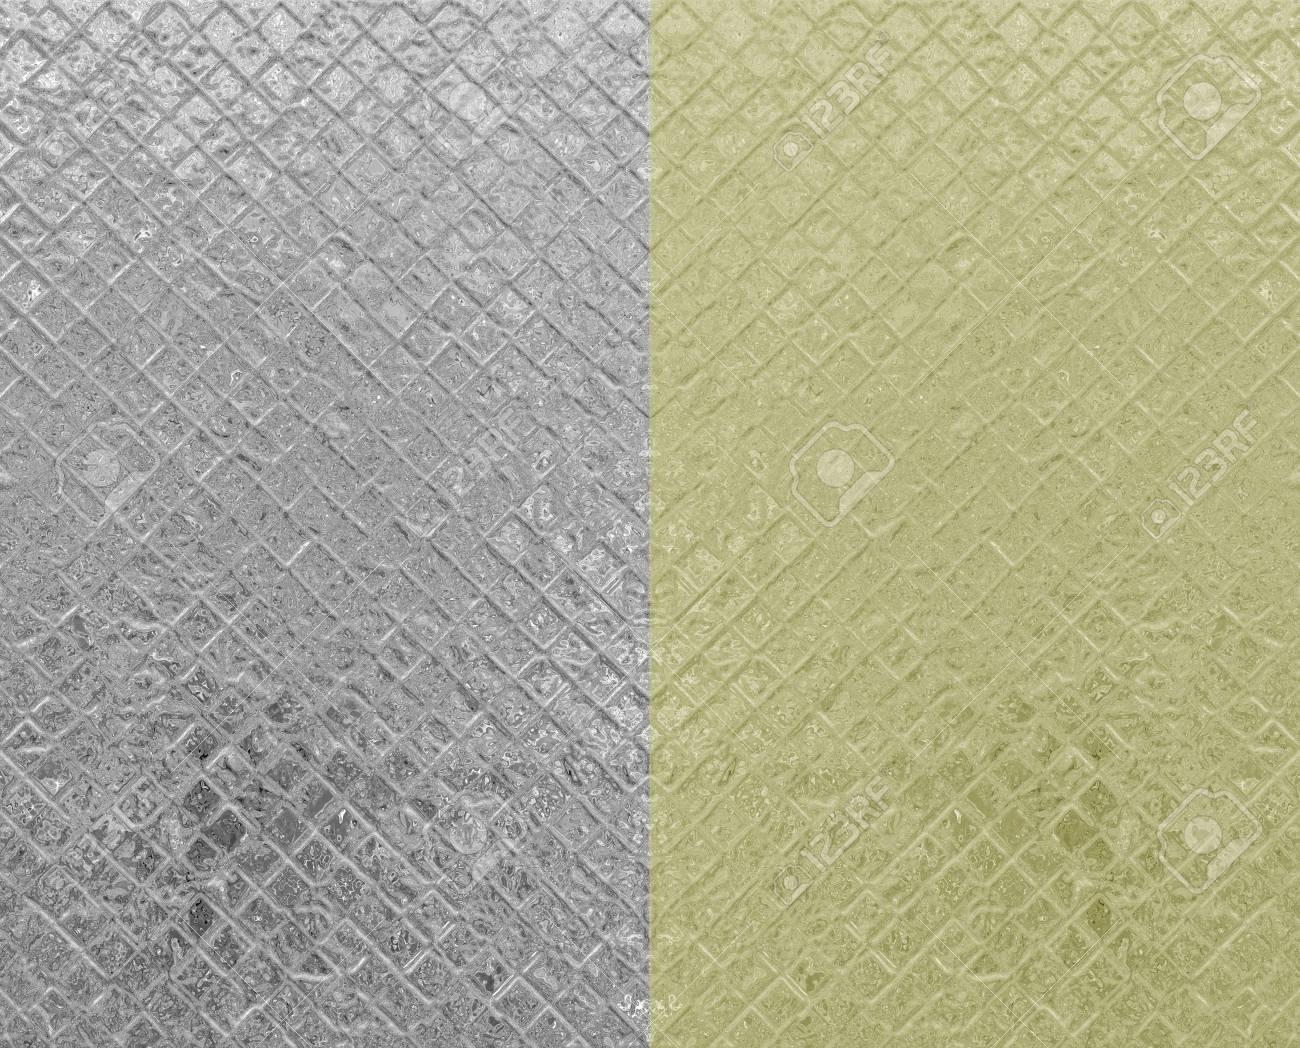 Sammlung Farbhintergrund Von Fliesen Mosaik Standard Bild   13768853